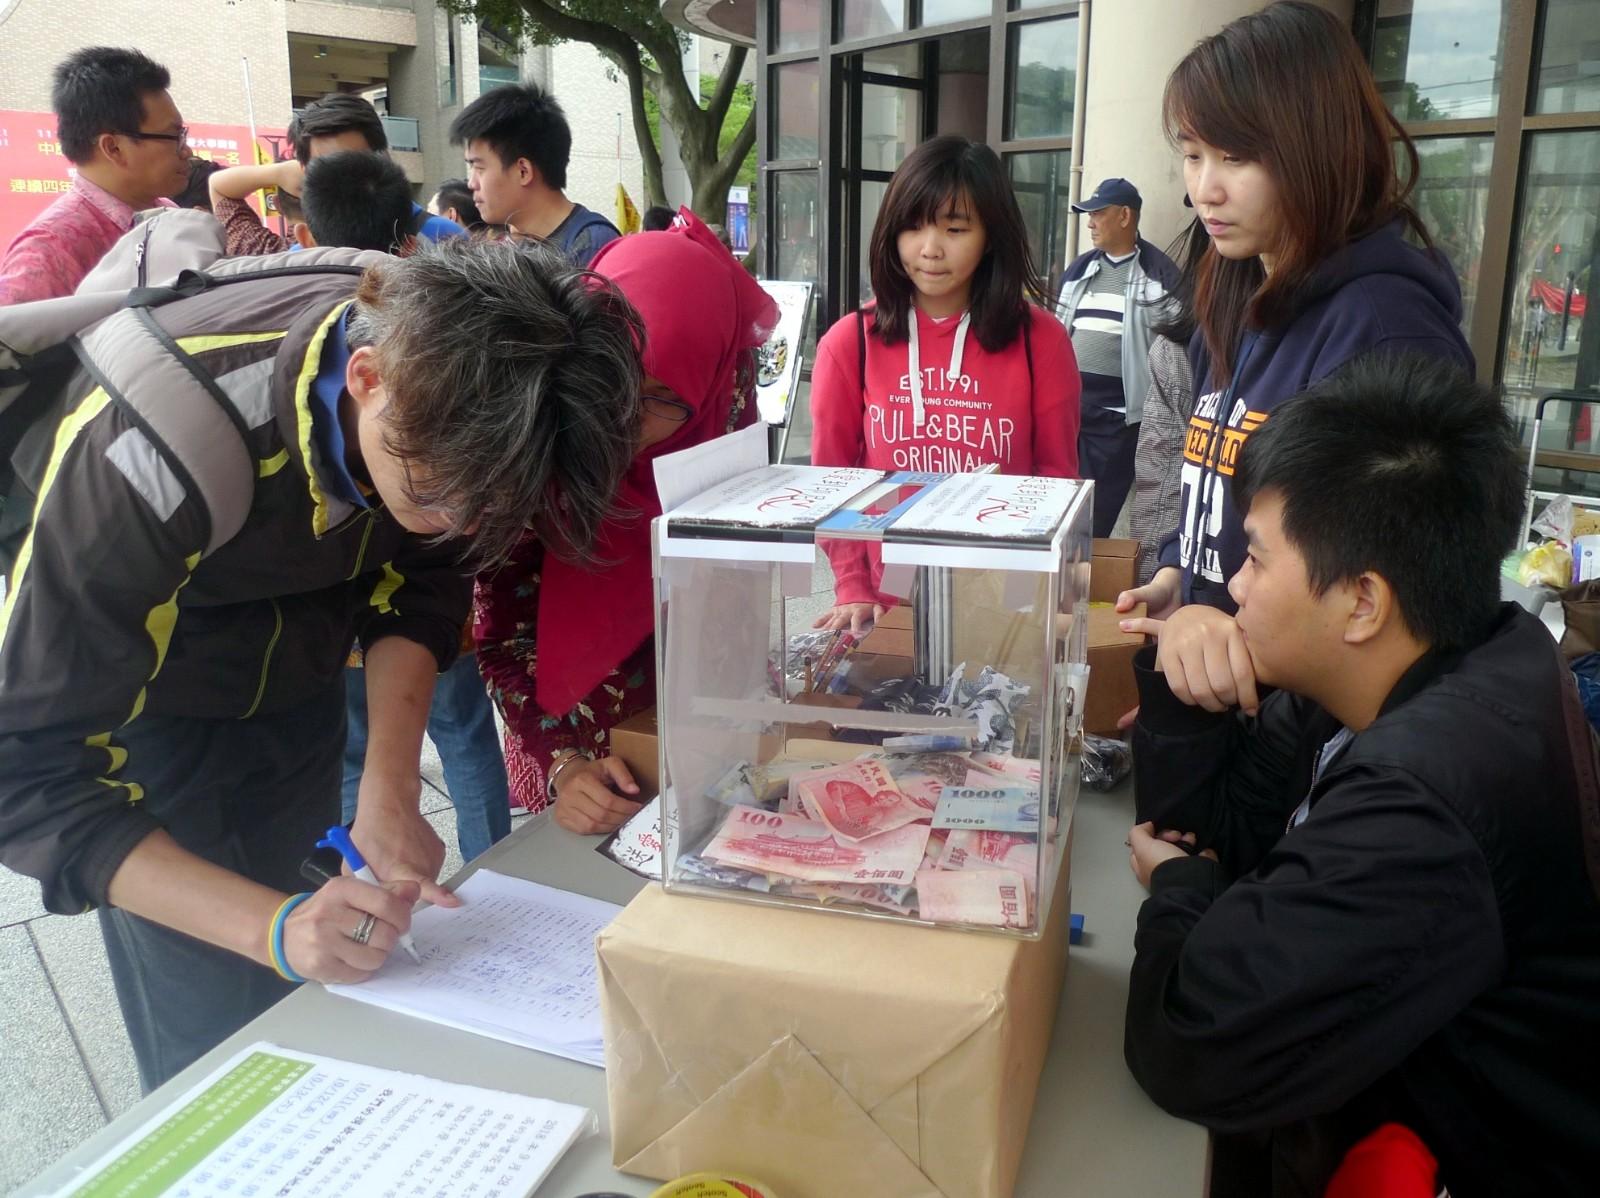 通稿照片06-中原大學校內師生參與捐款活動也寫下對印尼天災的關懷.JPG